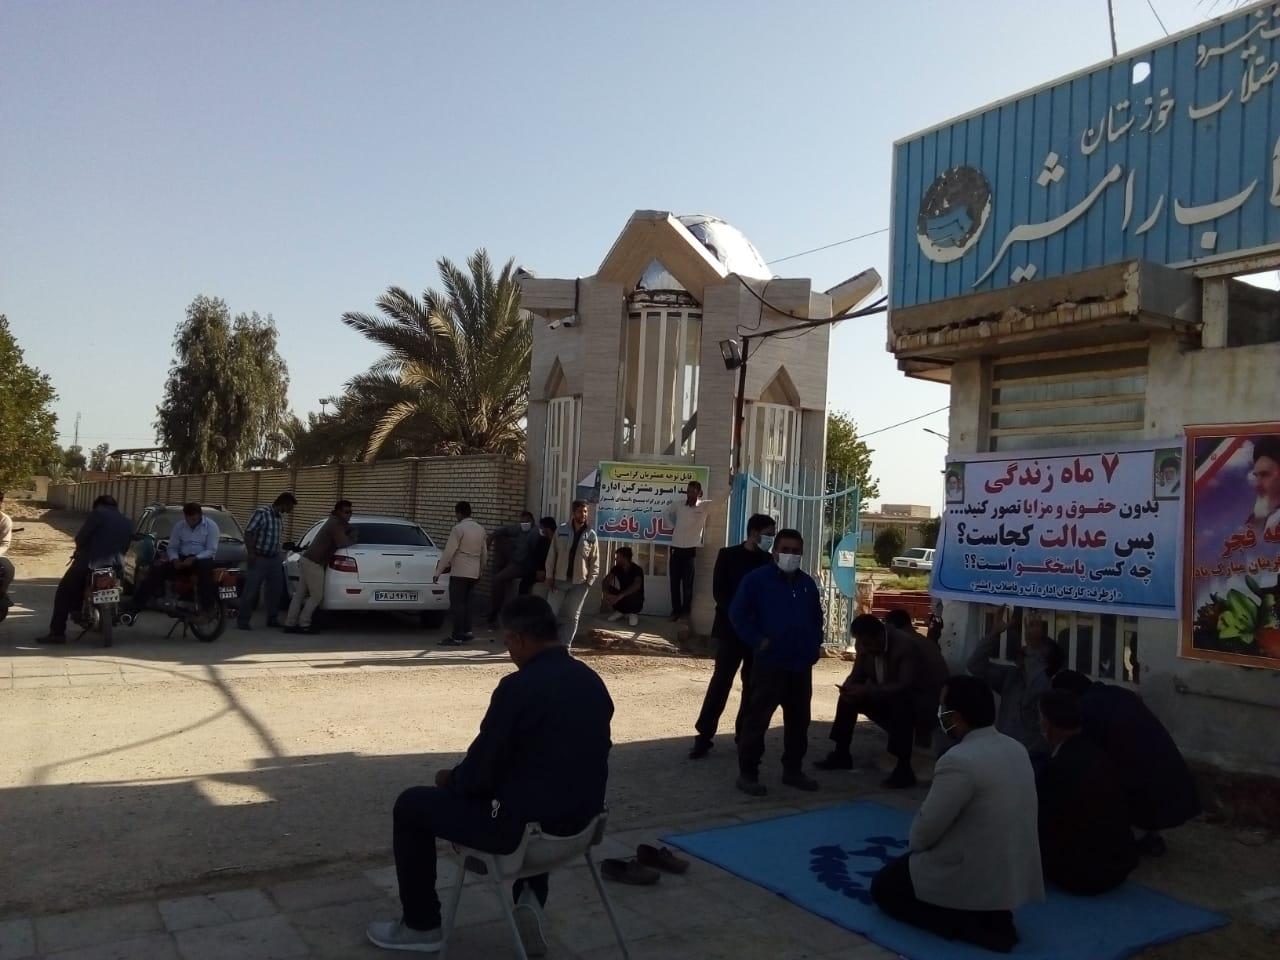 اعتصابات کارمندان اداره آب و فاضلاب شهری و روستایی رامشیر همچنان ادامه دارد